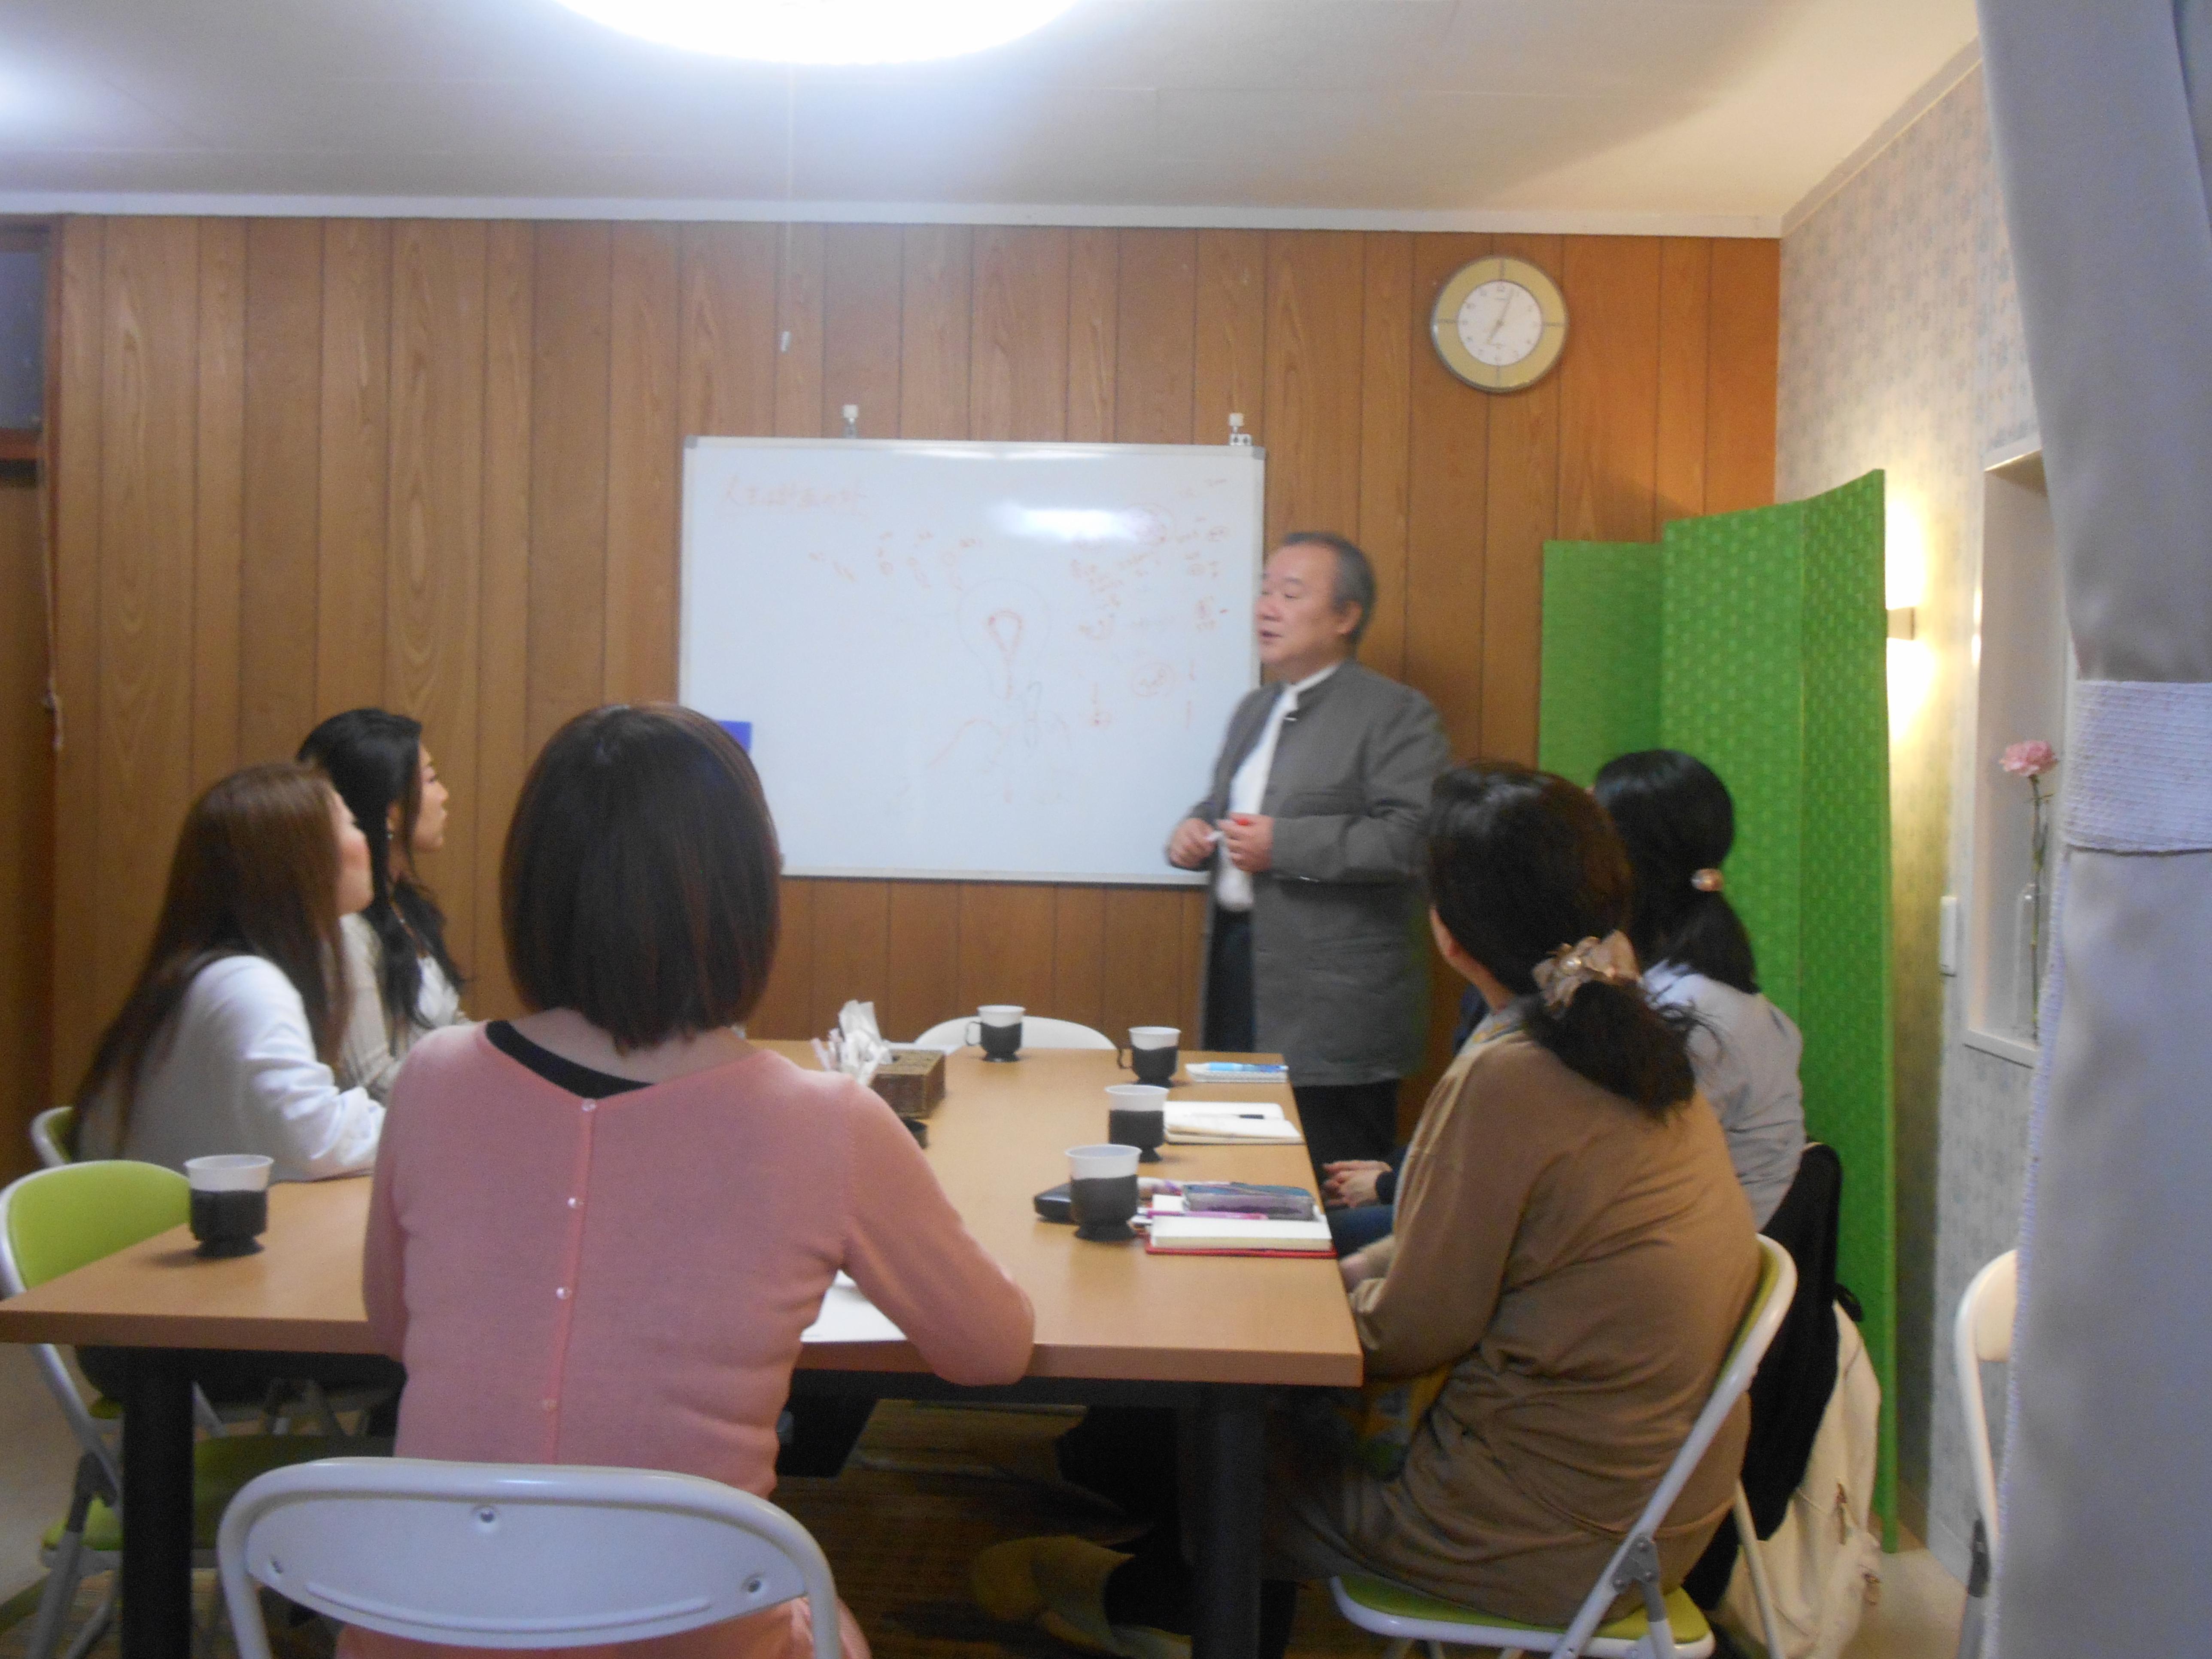 DSCN1176 - 愛の子育て塾14期第4講座